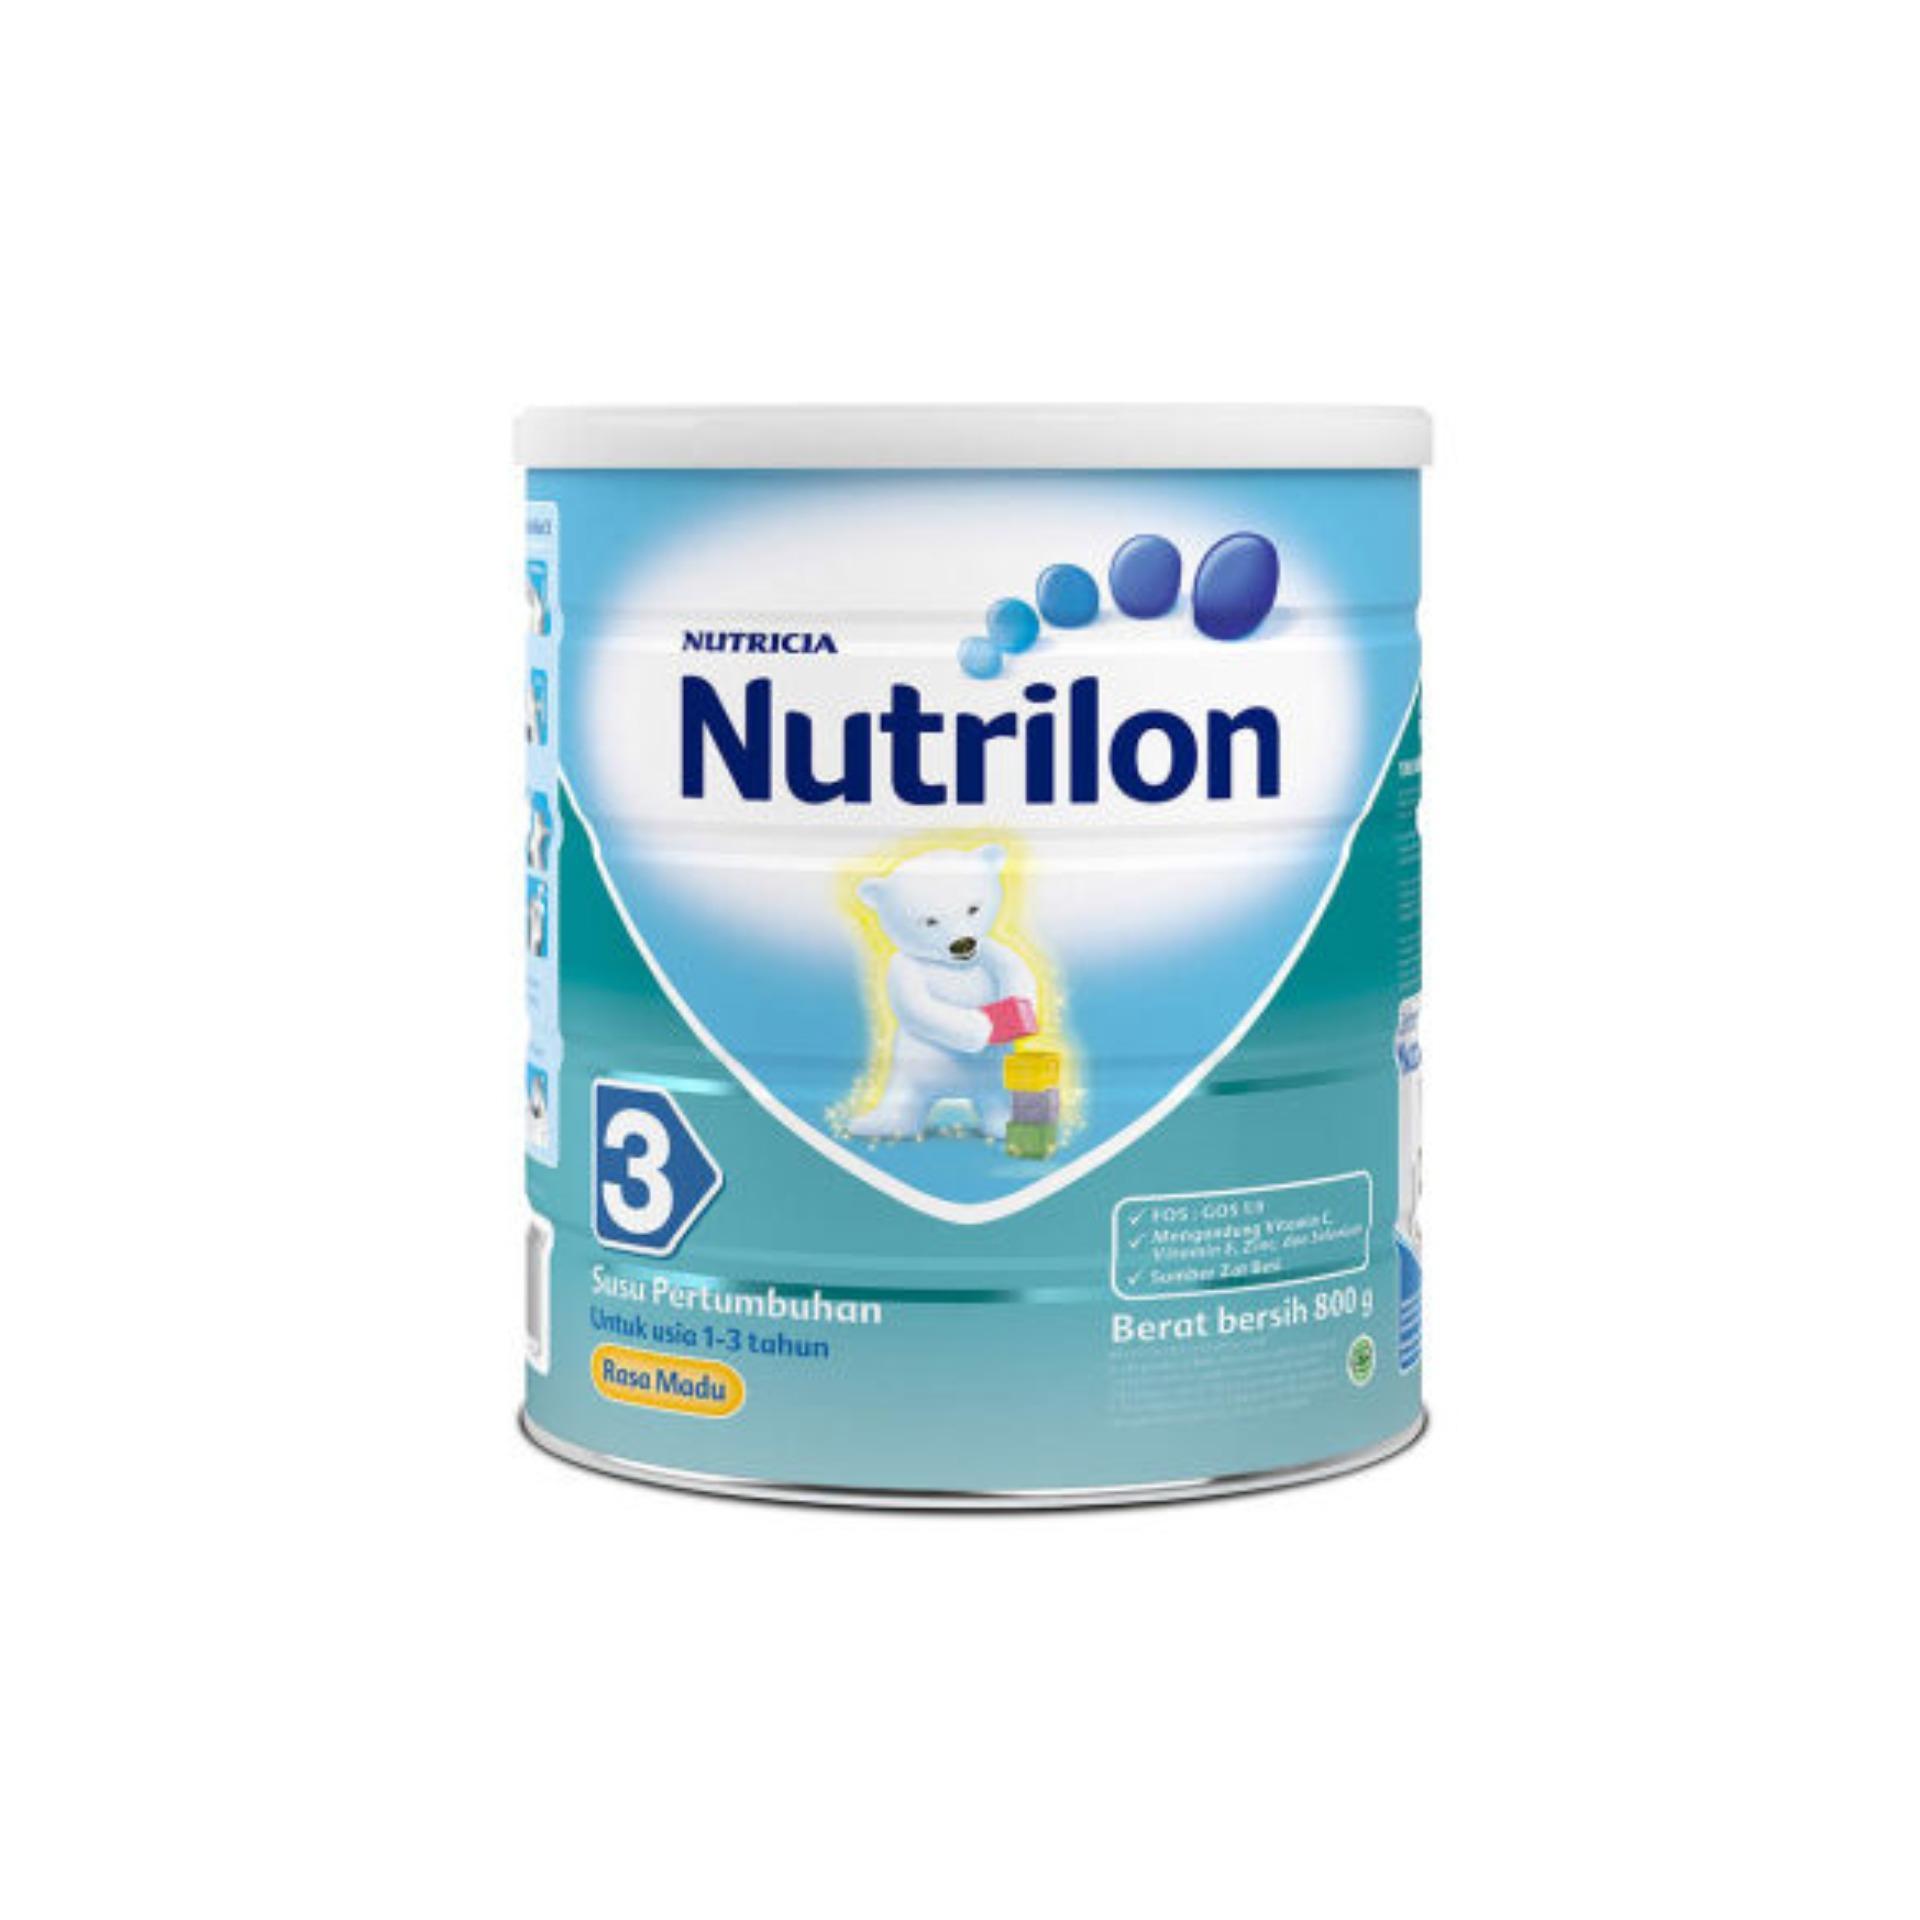 NUTRILON Regular 3 Madu Susu Tin 800g / 800 g